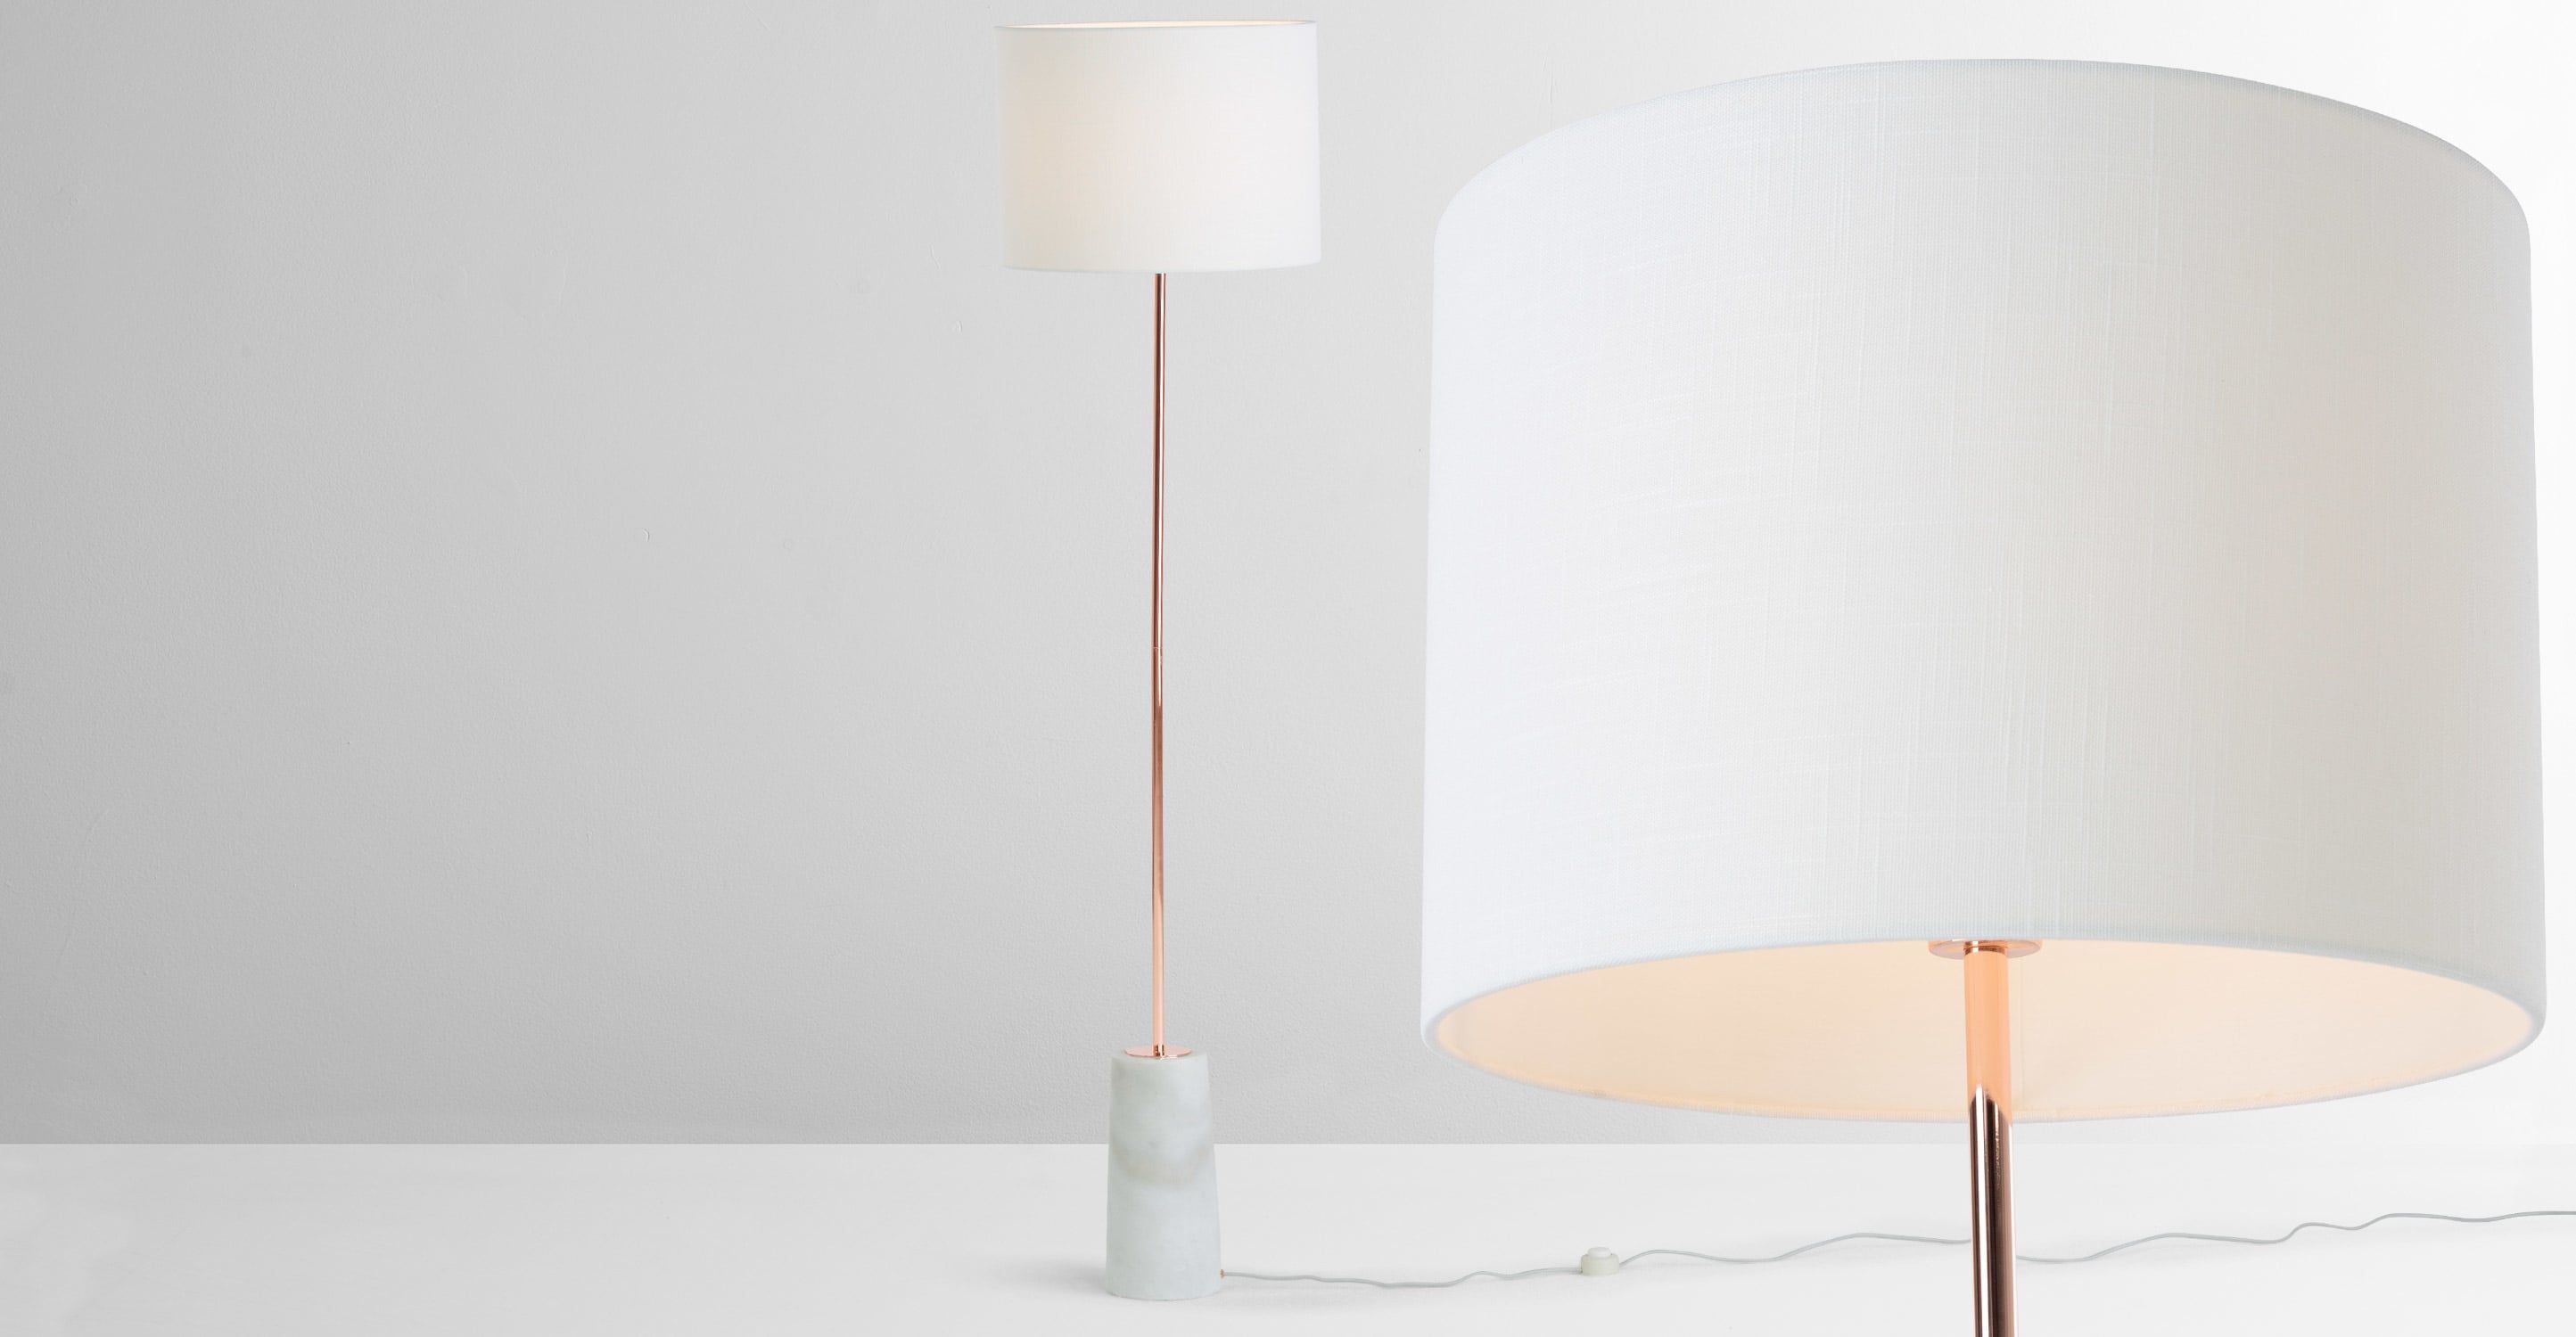 Außergewöhnlich Stehlampe Kupfer Sammlung Von Rita Stehlampe, Und Marmor ▻ Moderne Design-leuchten